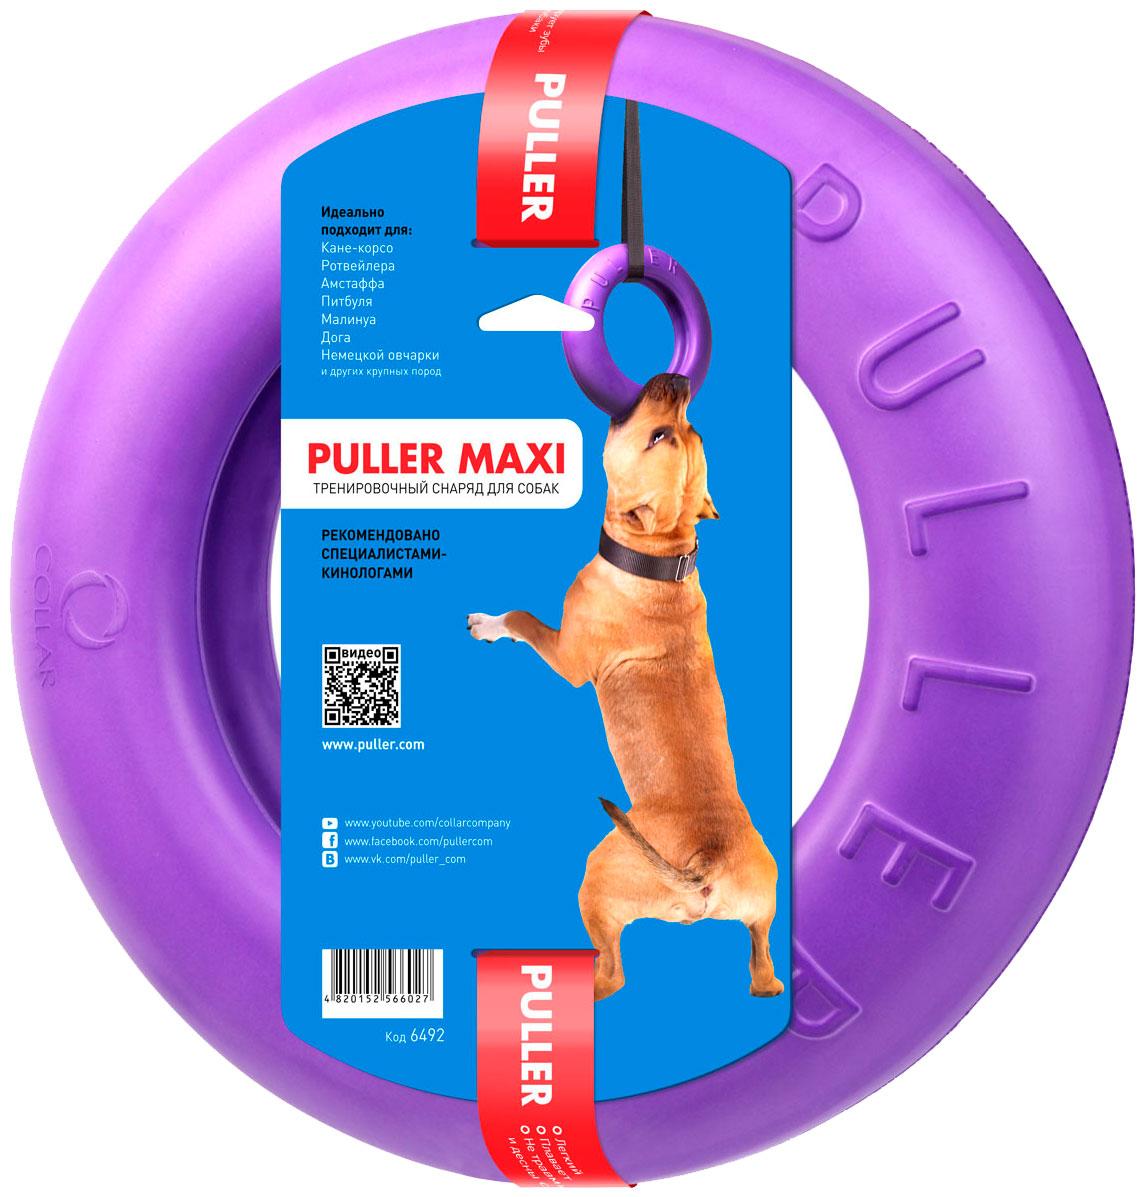 Puller Maxi – Пуллер Макси игрушка для тренировки собак (1 кольцо) (1 шт)